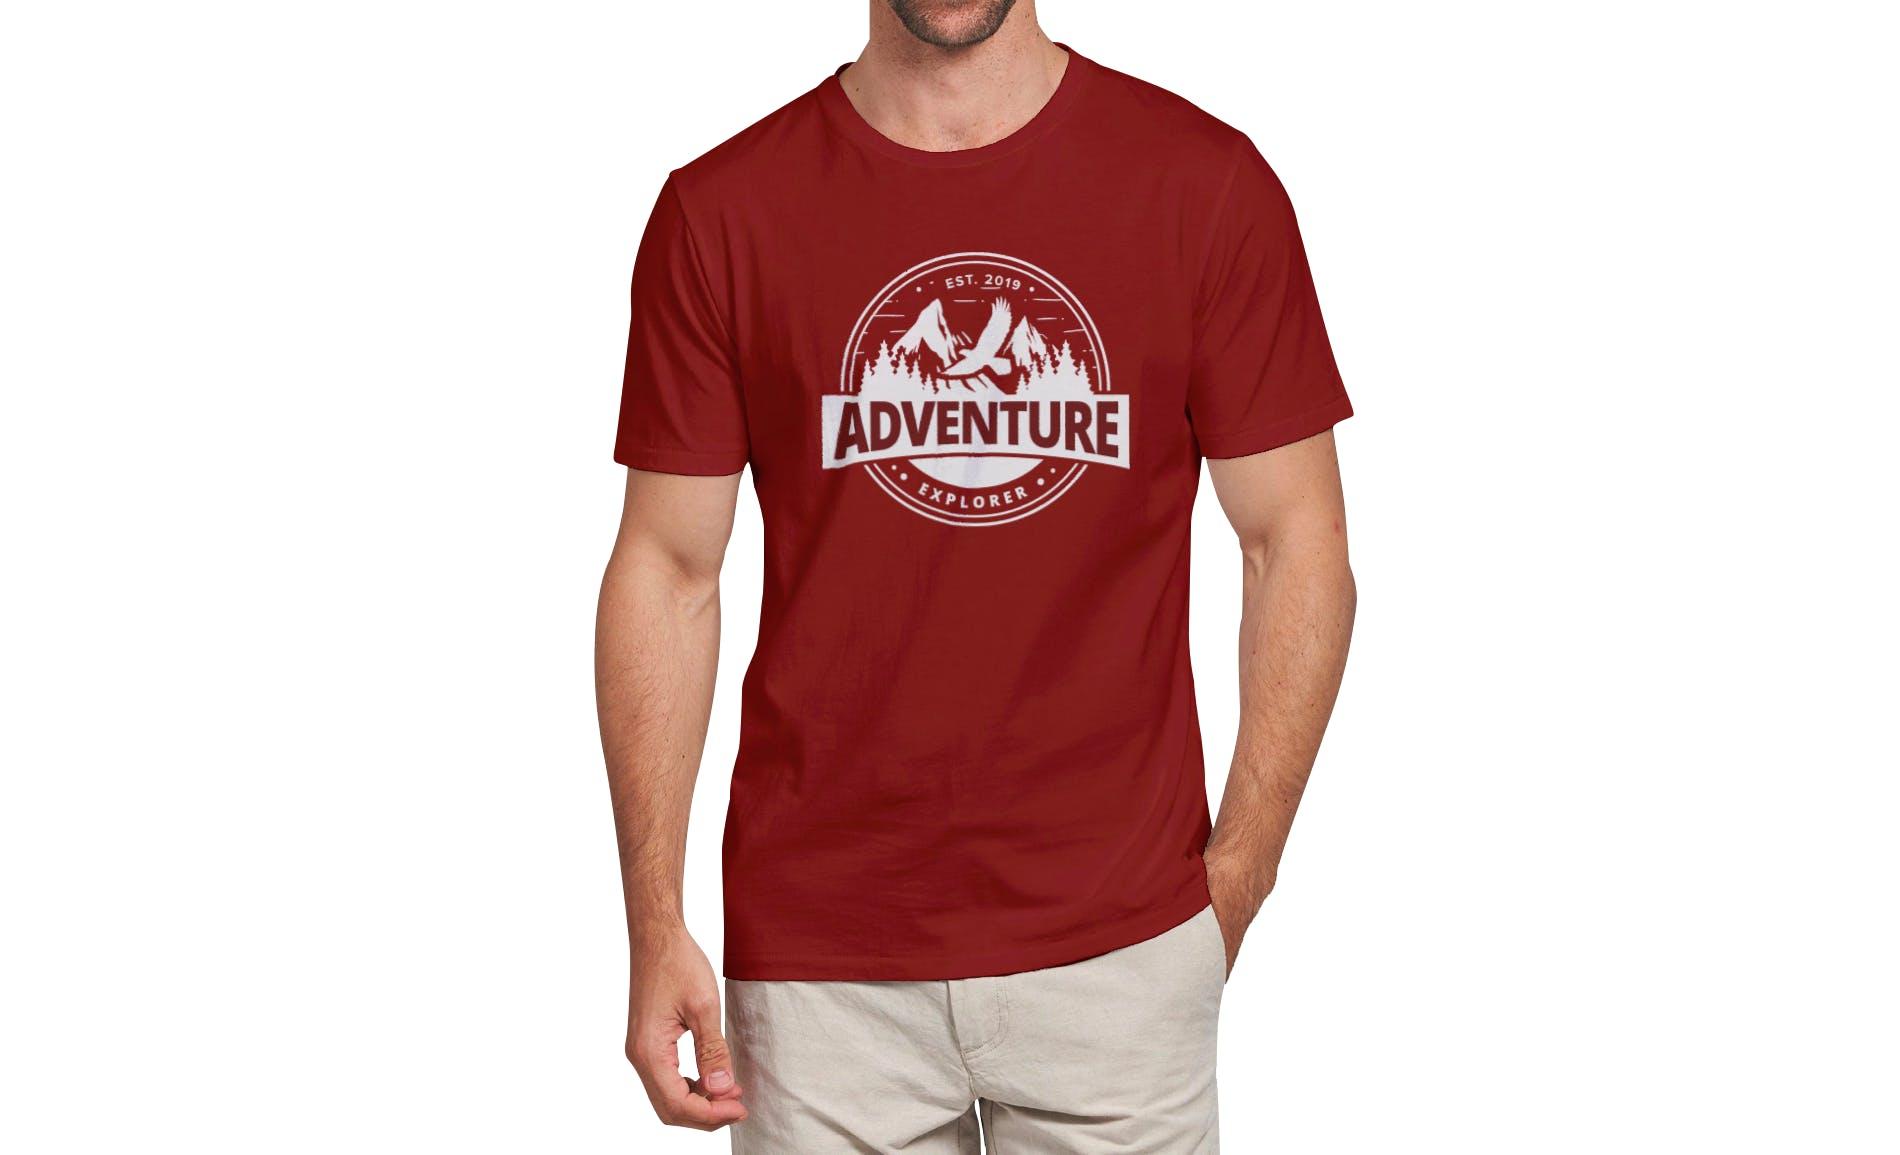 男士服装样机素材模板样机多视角展示效果图T-shirt Mockup Vol 03